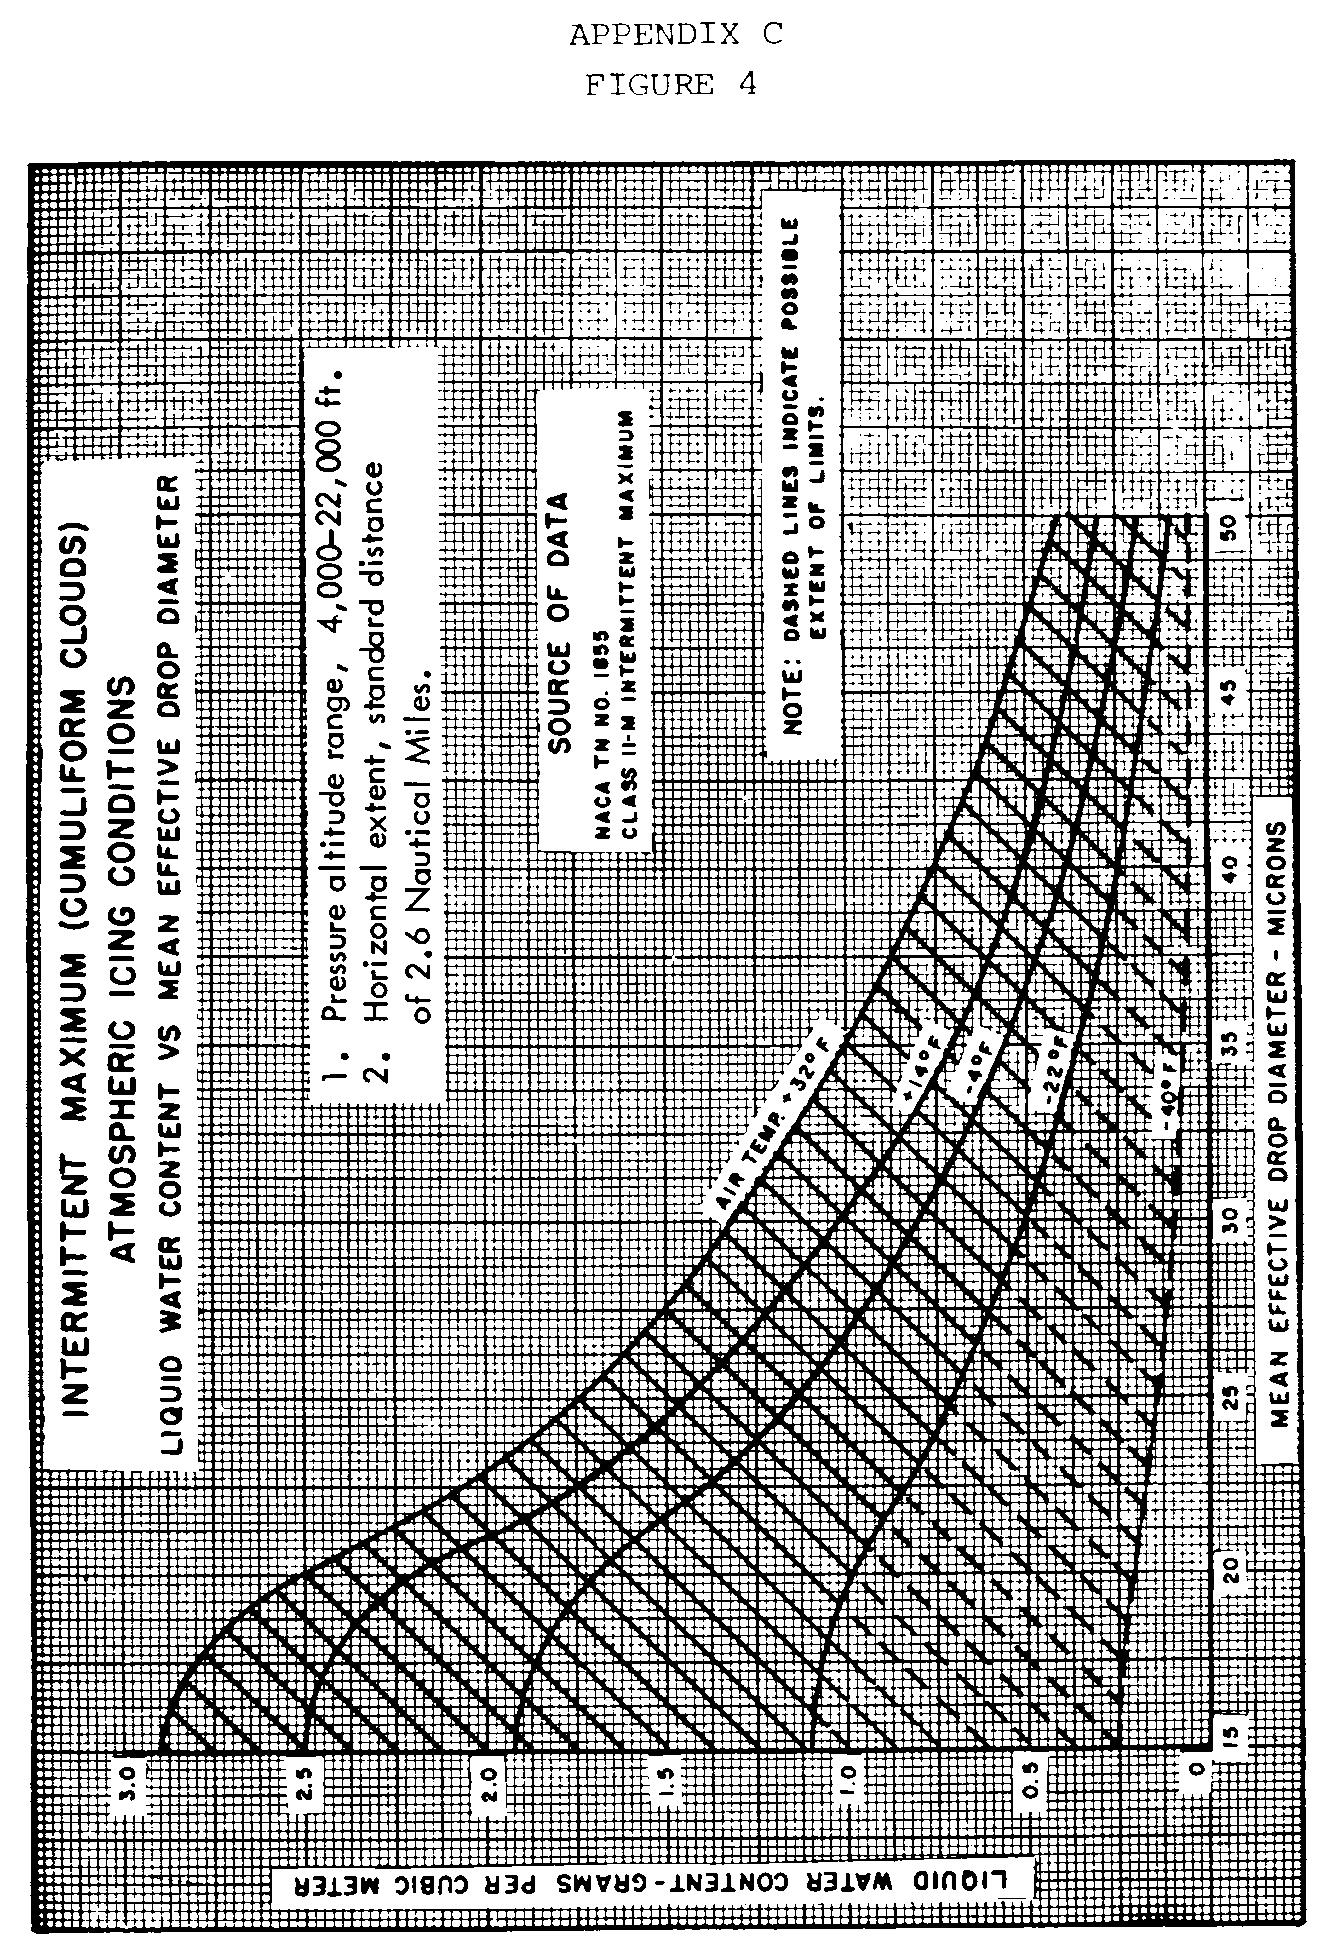 Graphic of EC28SE91.093